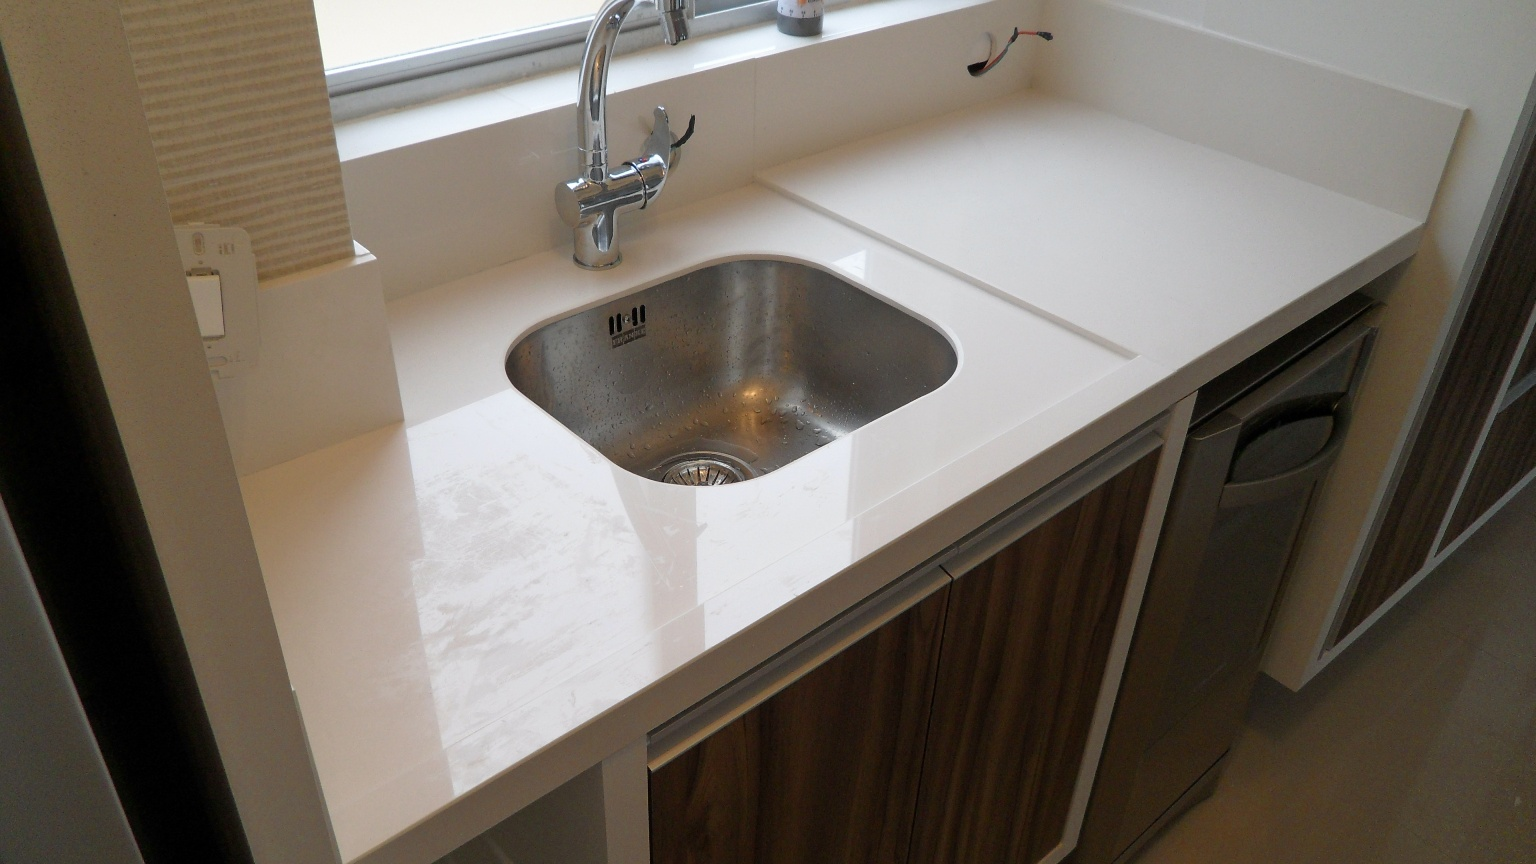 porcelanato.: Bancada cozinha com ilha e cooktop. Porcelanato #2C241B 1536x864